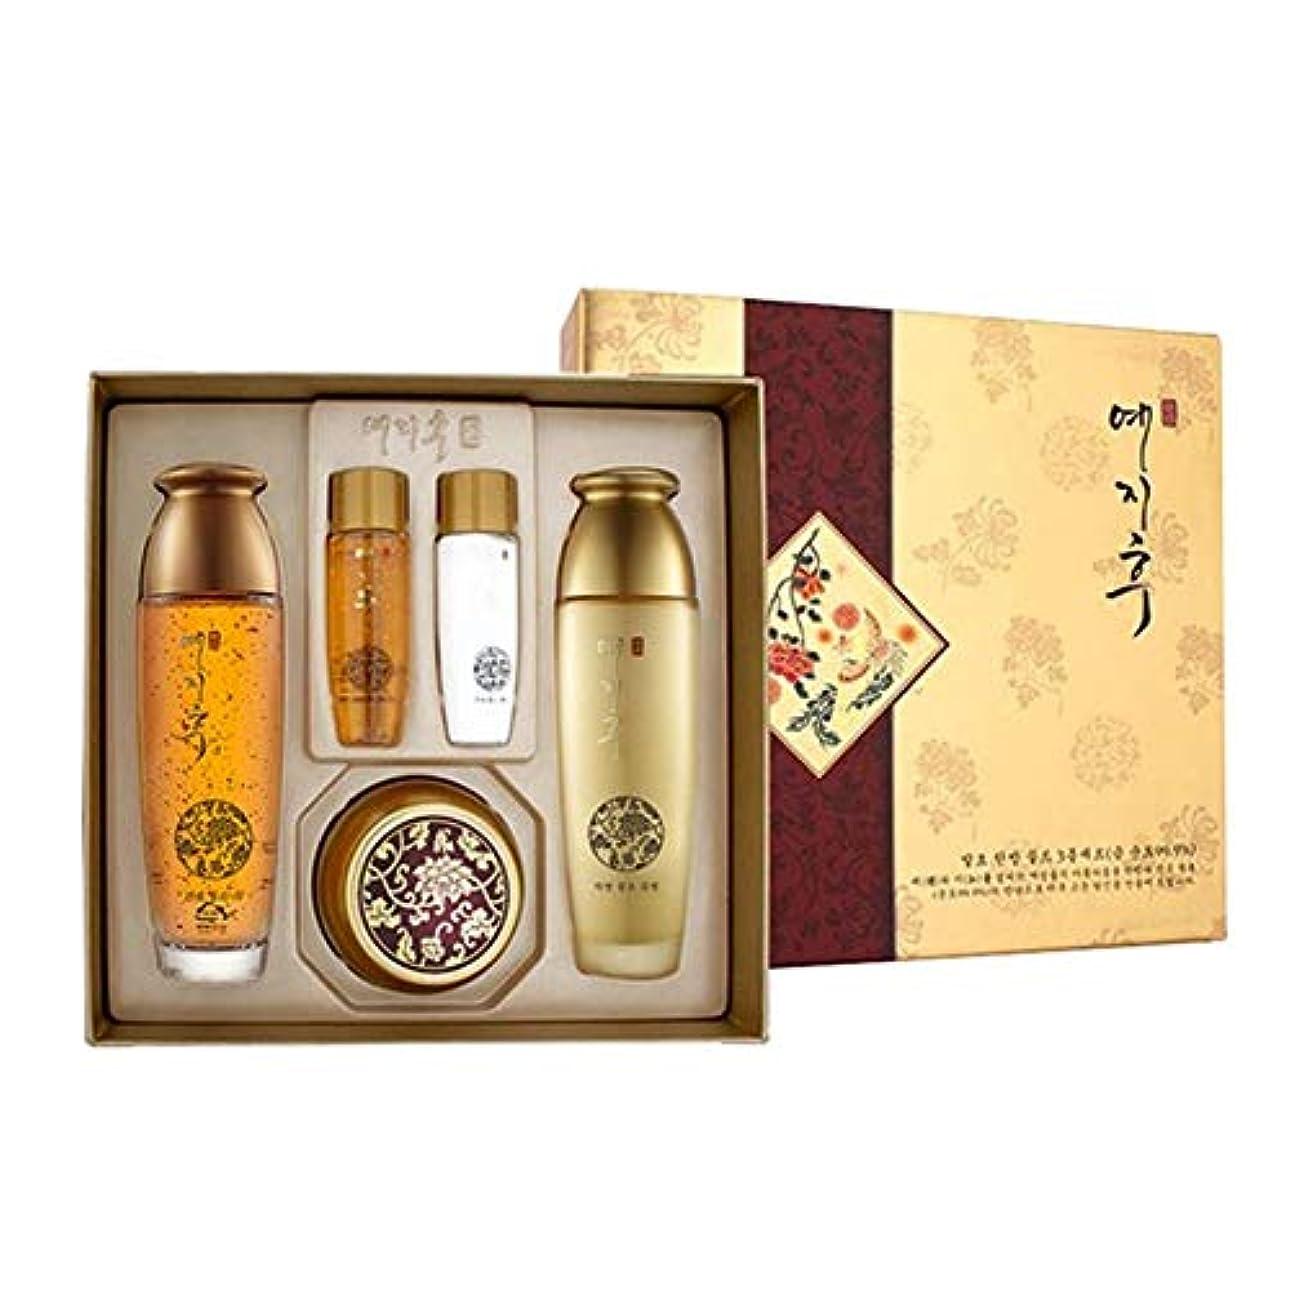 イェジフ漢方ゴールド3種セットゴールド水180ml(150+30) ゴールド乳液180ml(150+30) ゴールド栄養クリーム50ml、Yezihu 3 Sets of Herbal Gold Cosmetics [並行輸入品]